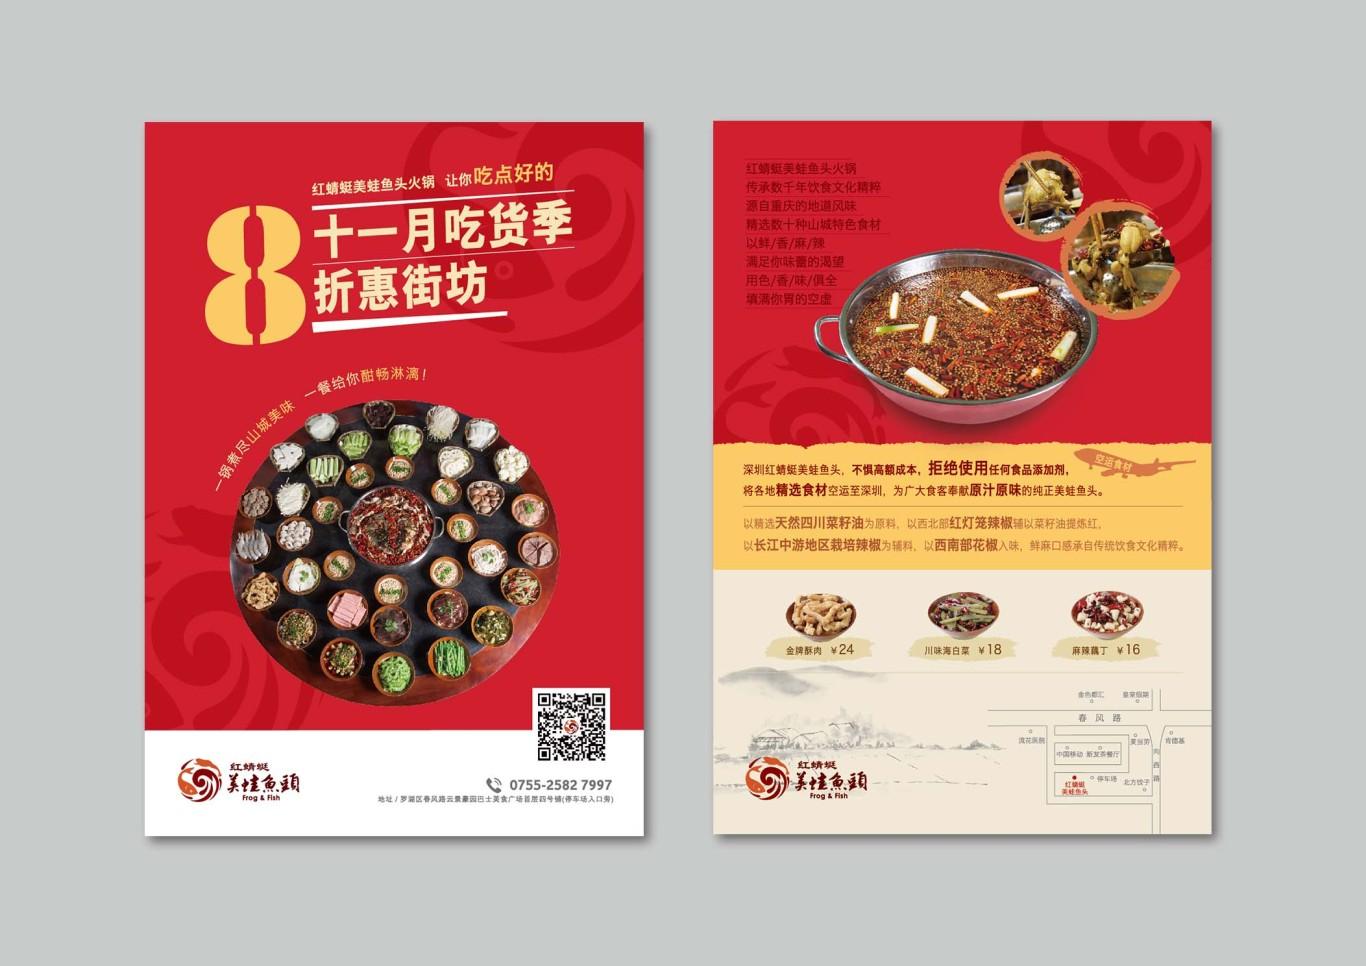 宣传单设计——红蜻蜓美蛙鱼头火锅图0